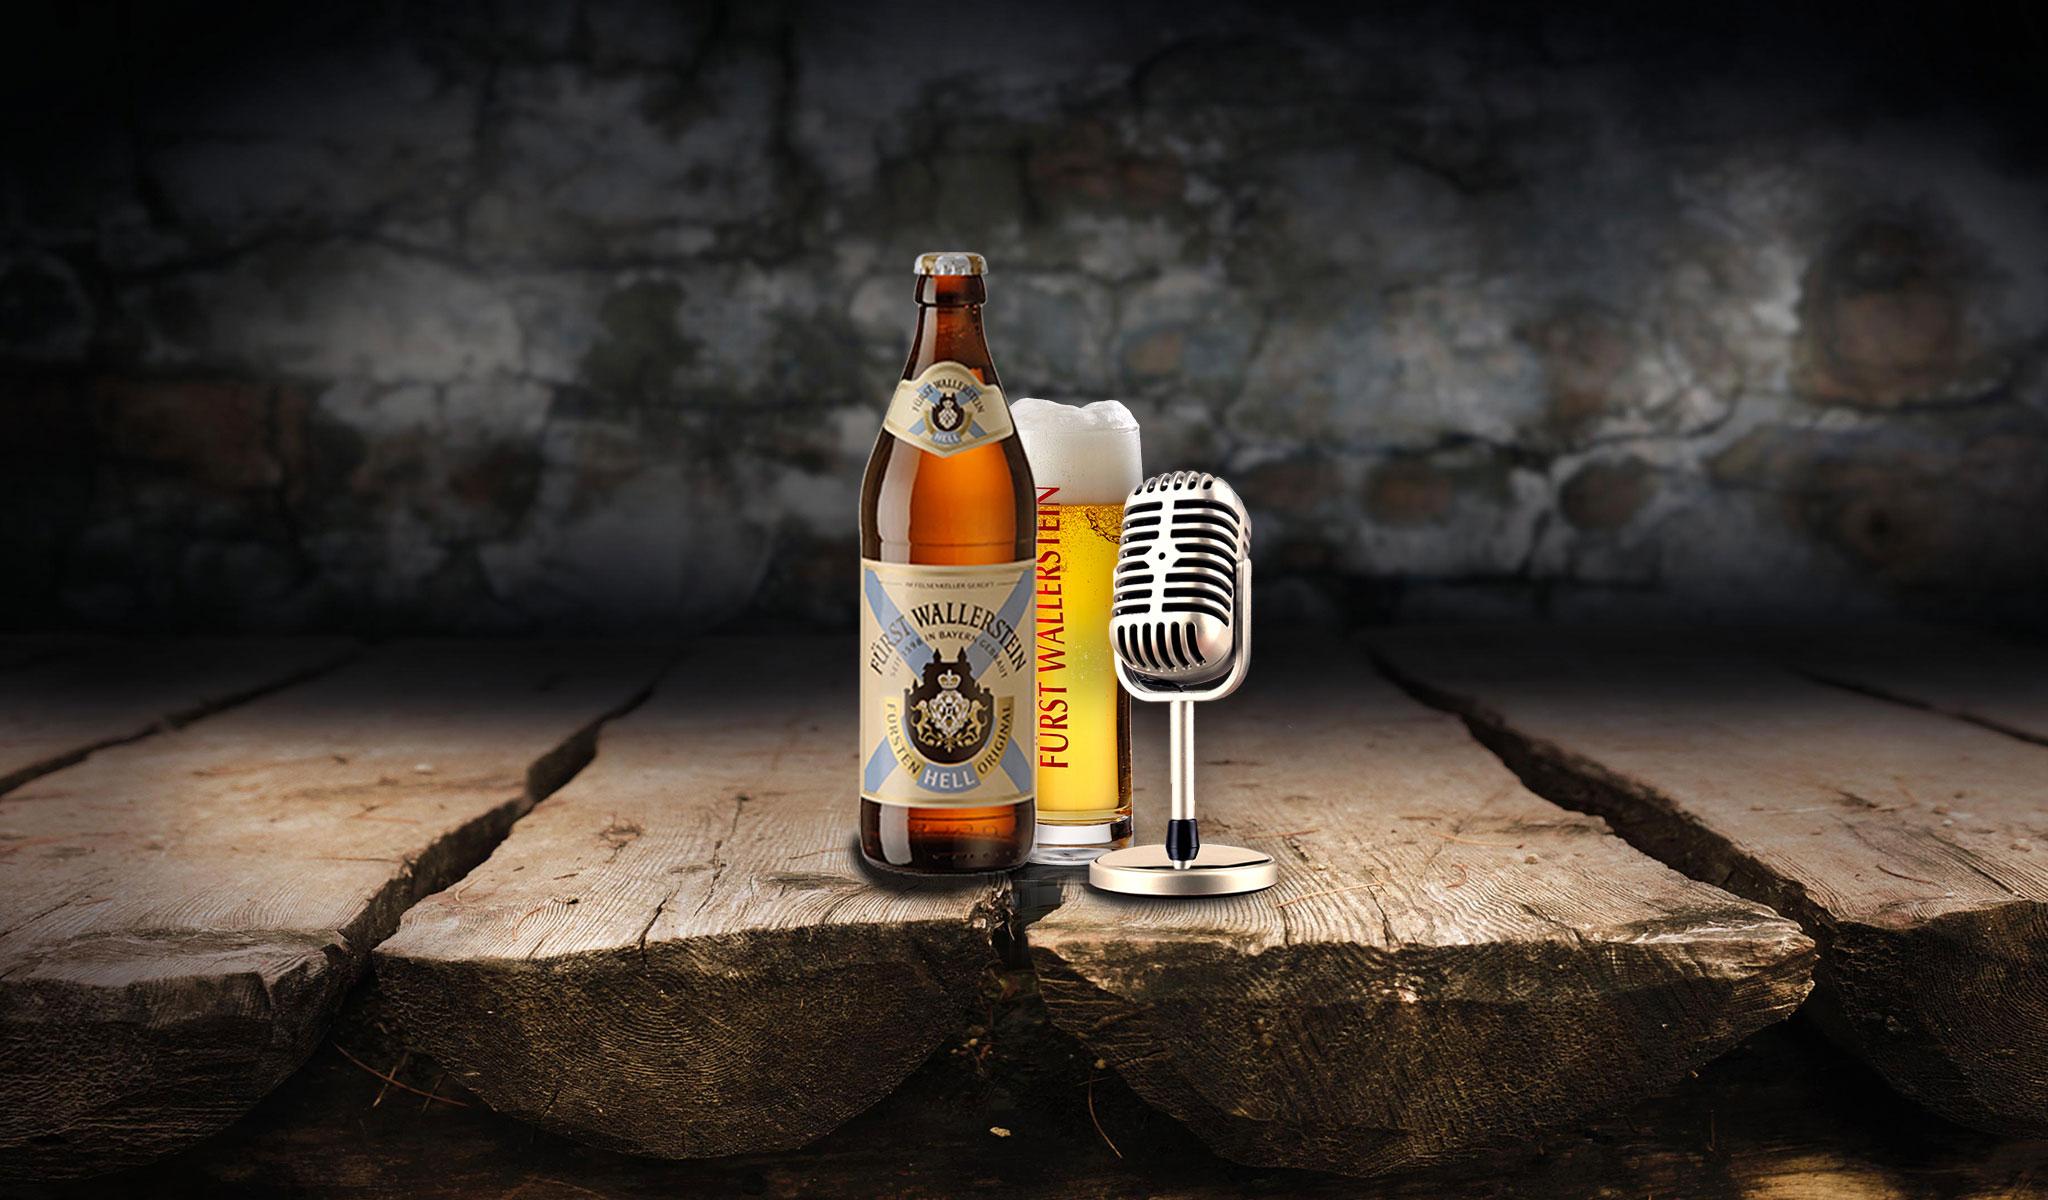 Auf ein Bier - der Fürst Wallerstein Bier-Talk mit August Wittgenstein